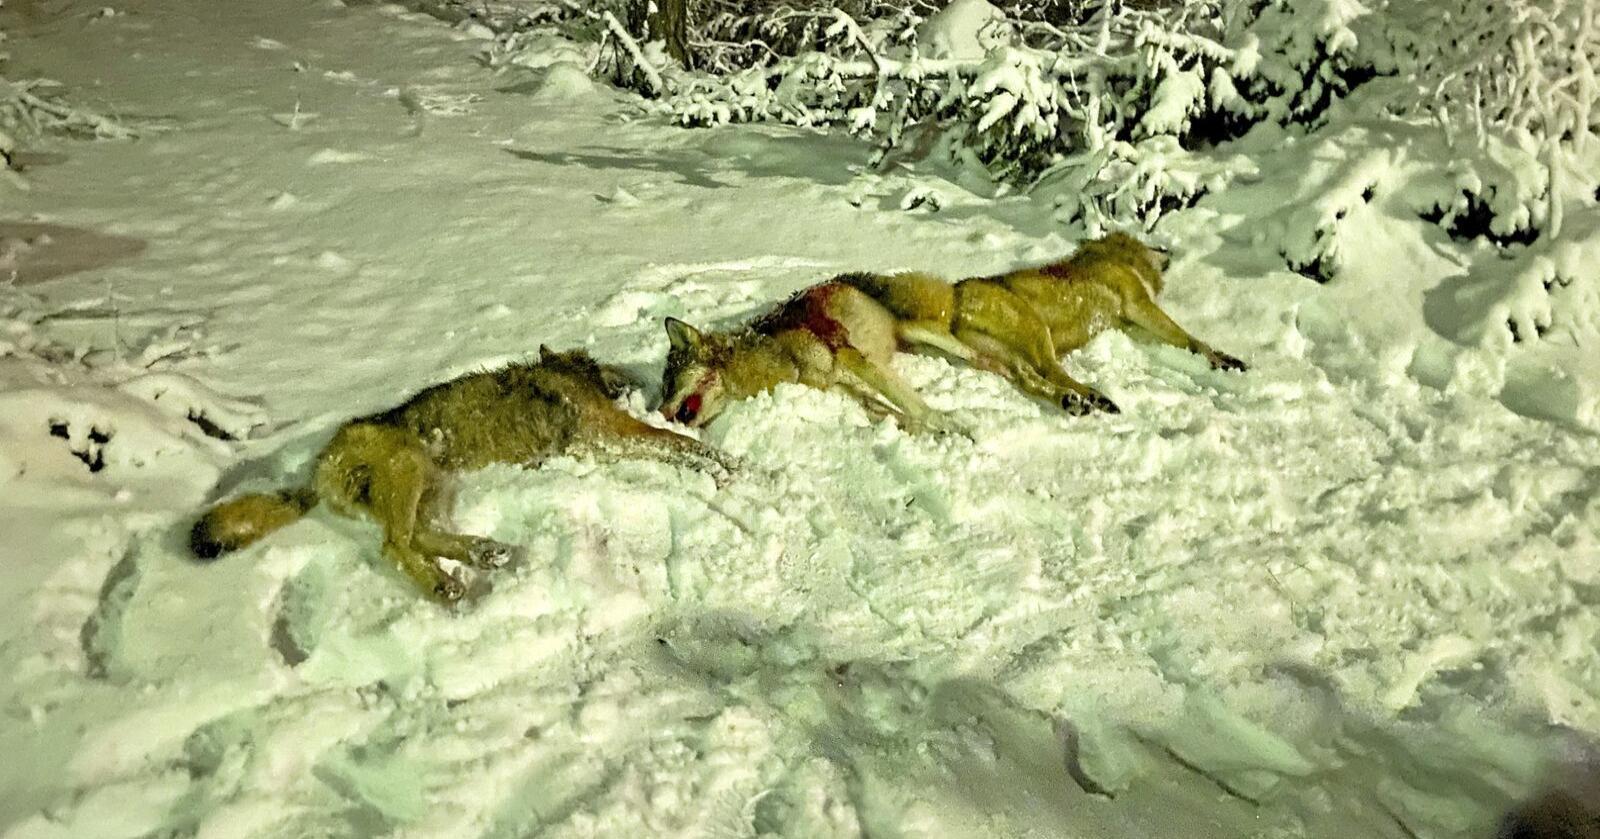 Flere ulver er felt innenfor ulvesonen under lisensjakta på ulv januar 2021. Foto: Kristian Noer